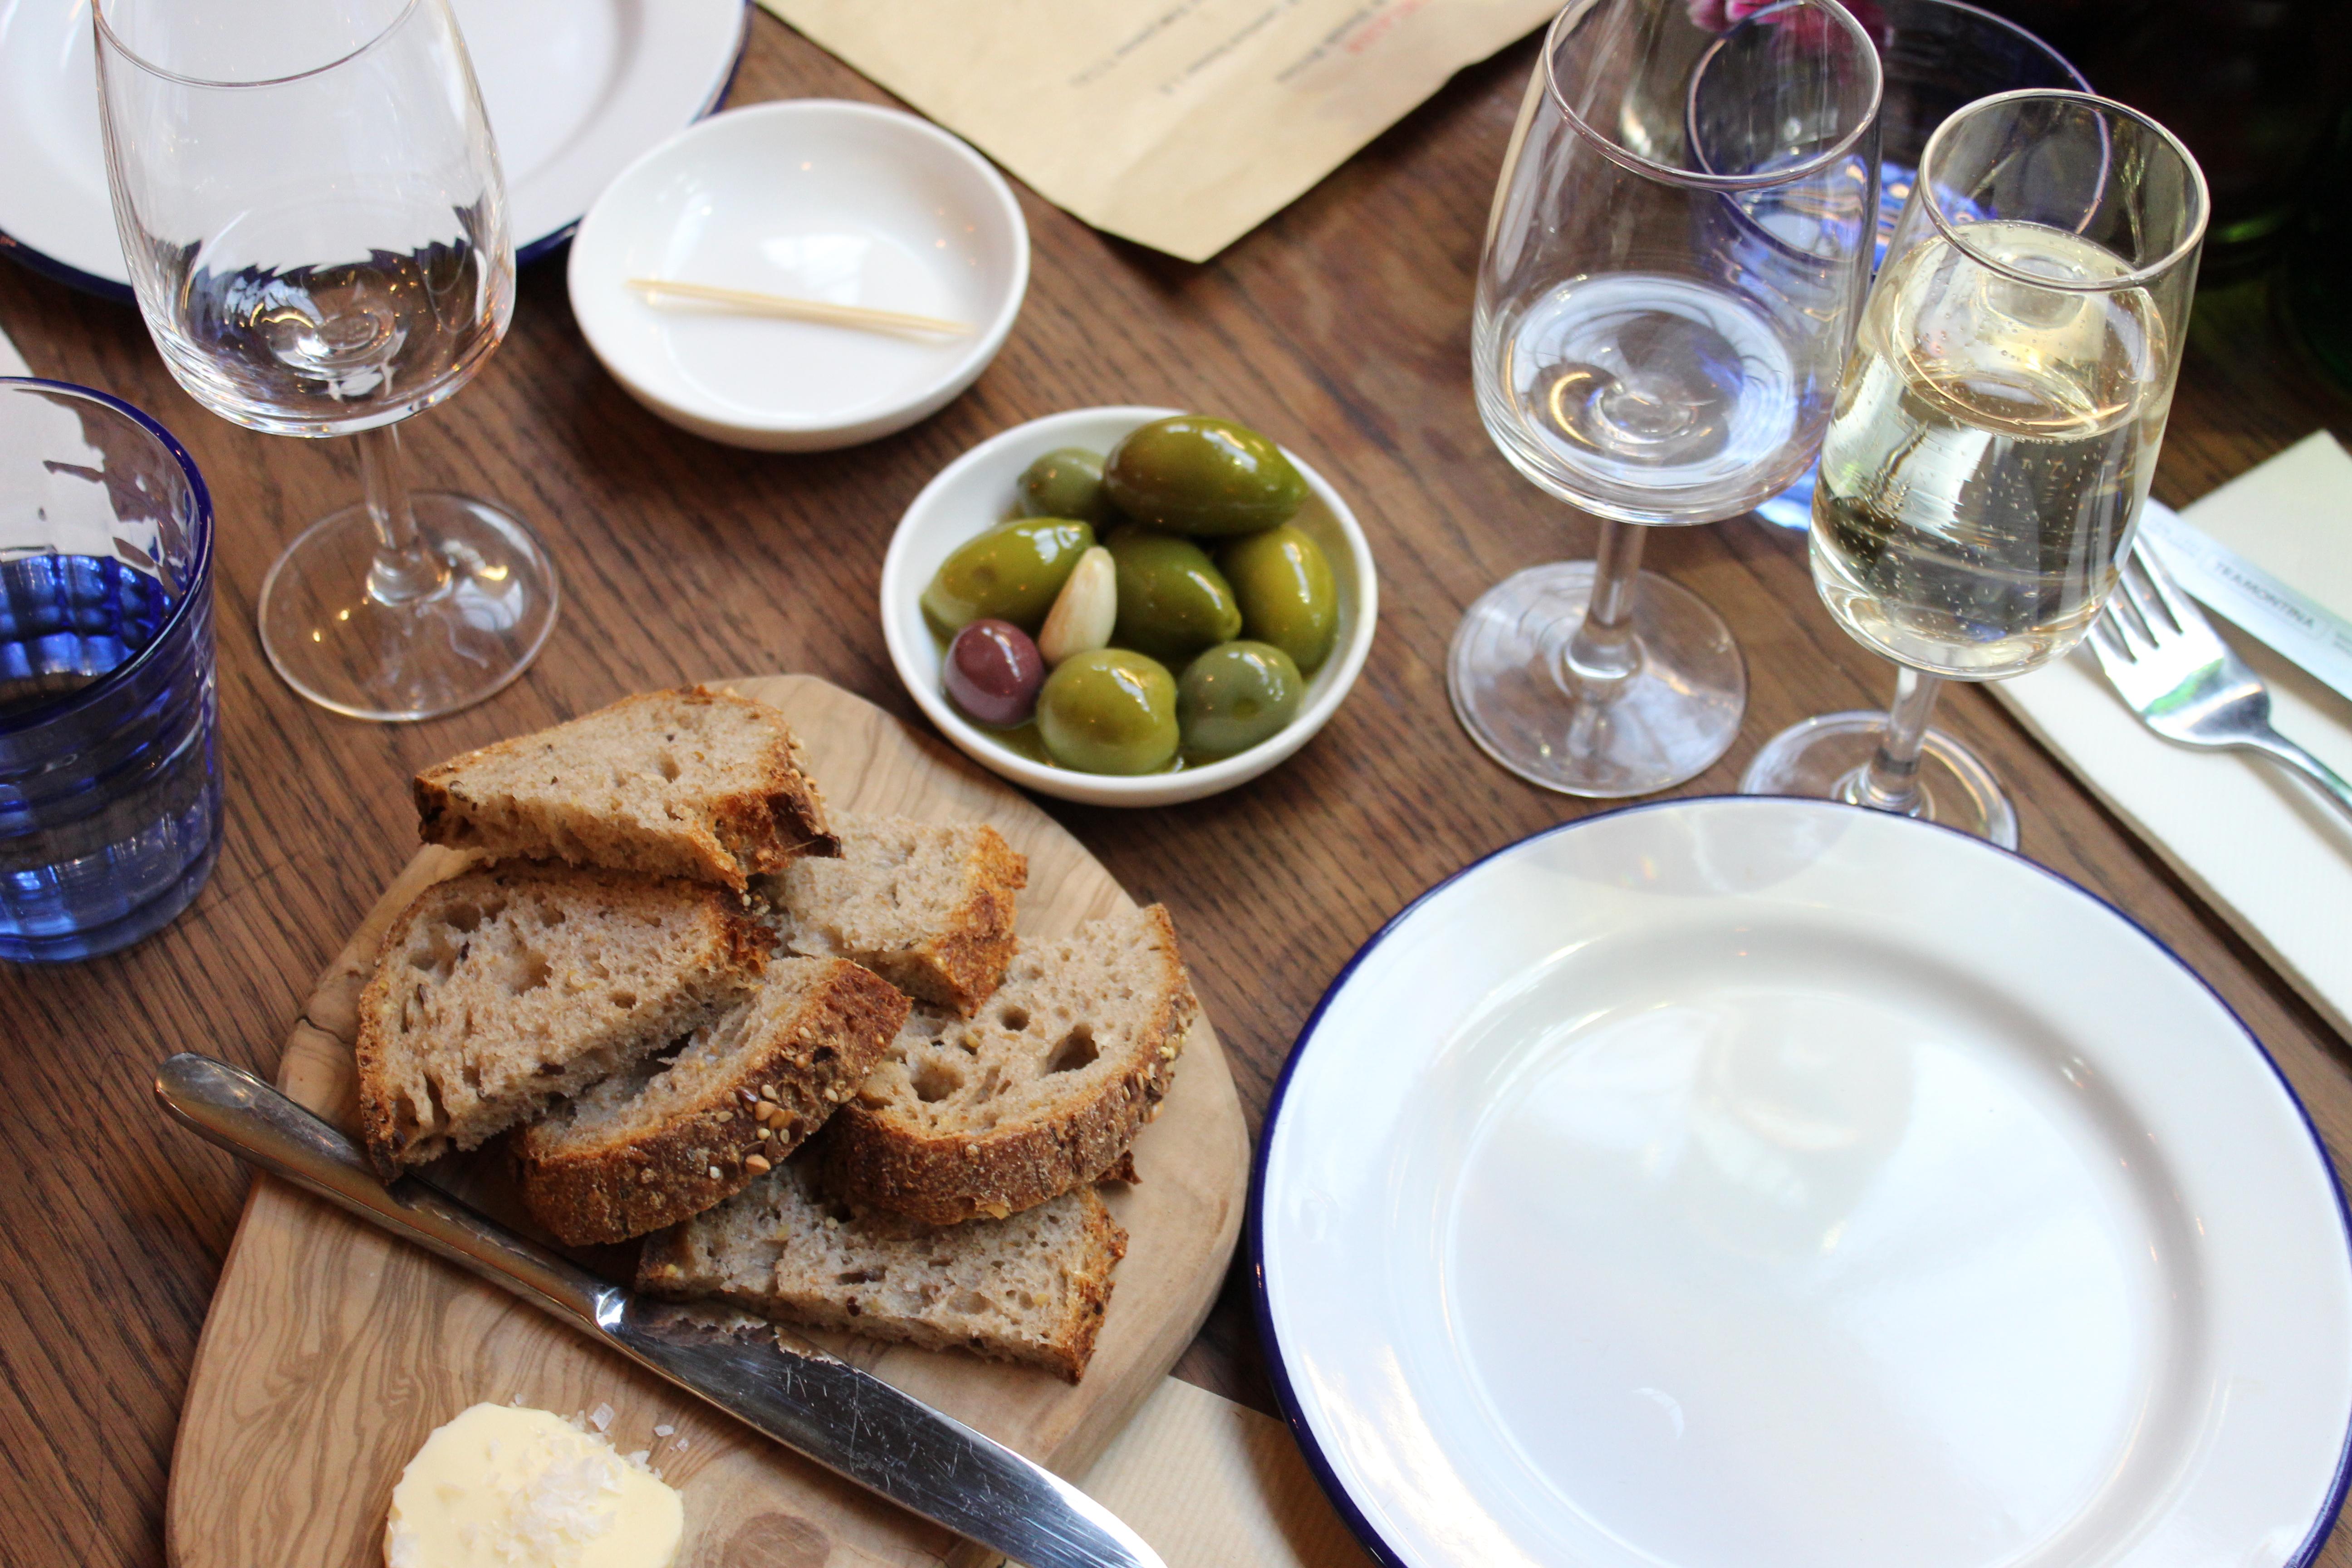 Bordelaise green olives